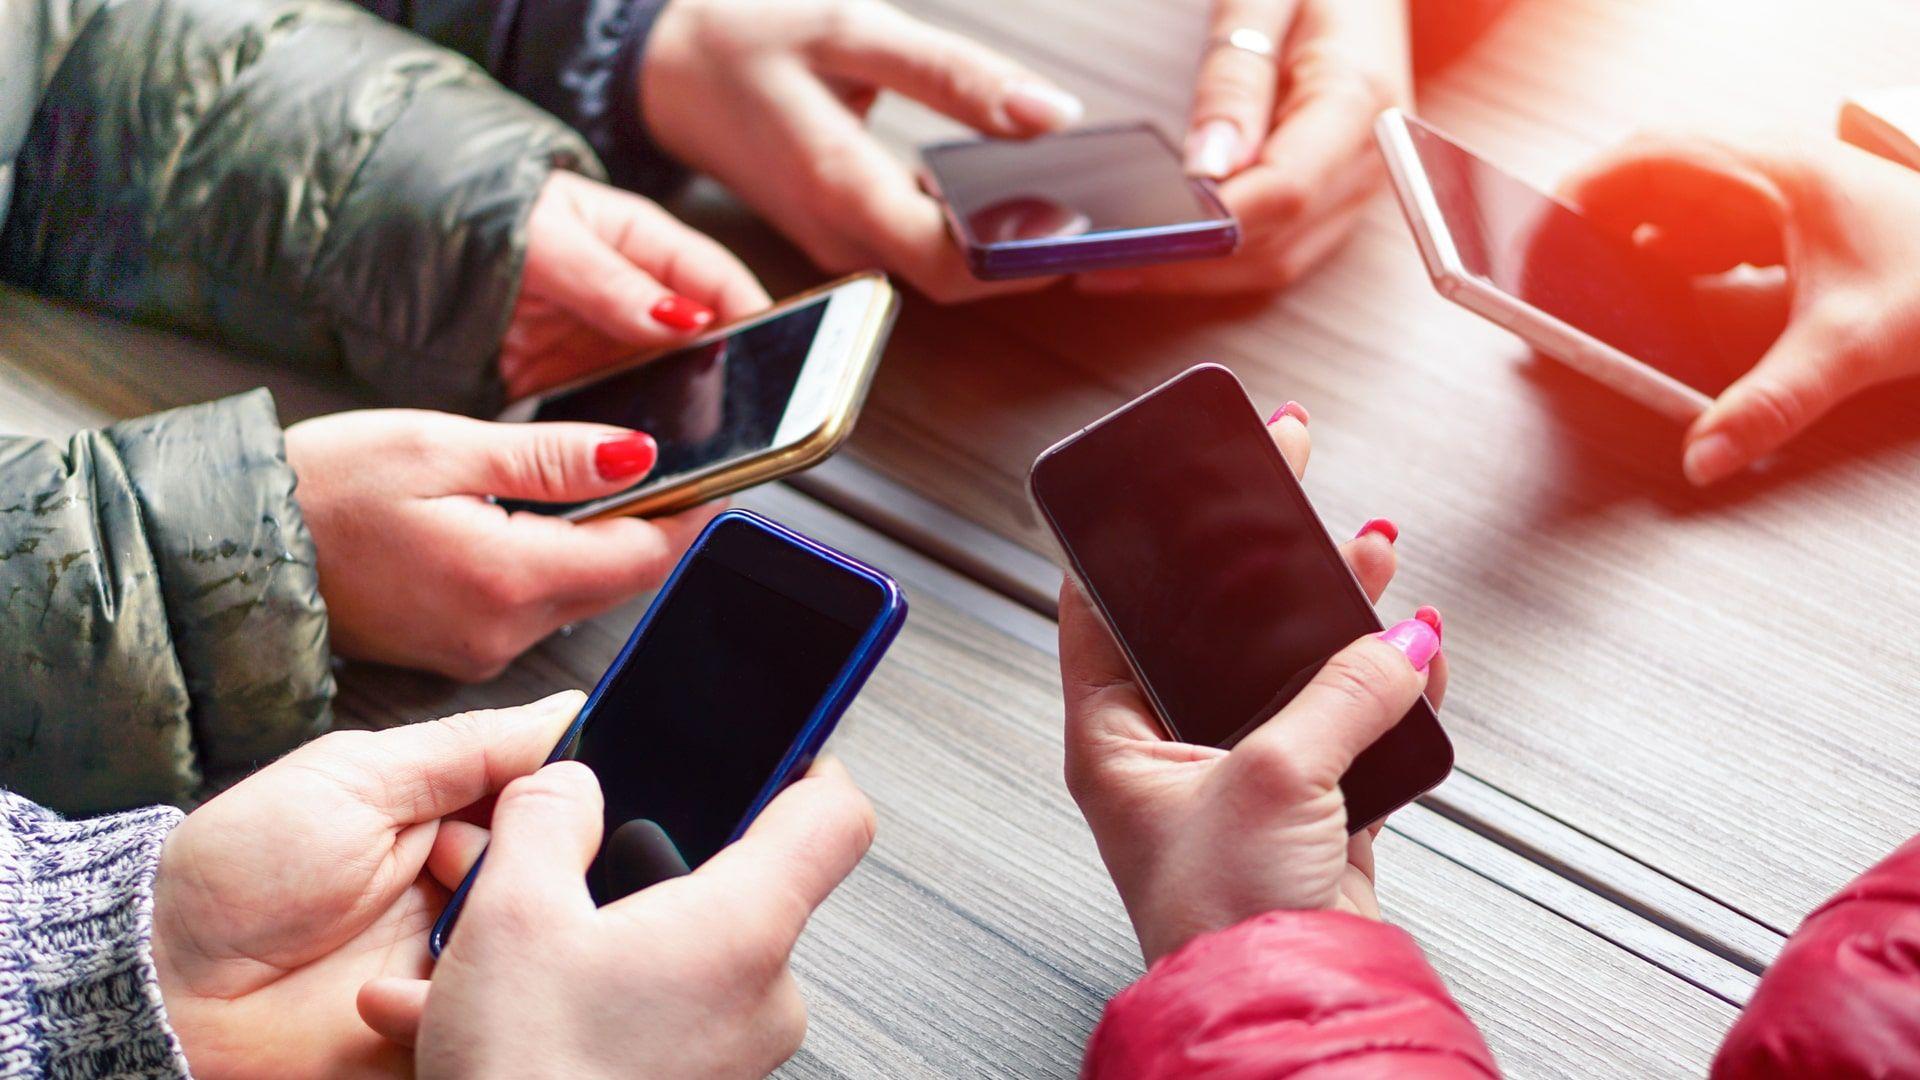 Conheça as diferentes categorias de celular antes de comprar o seu (Foto: Shutterstock)